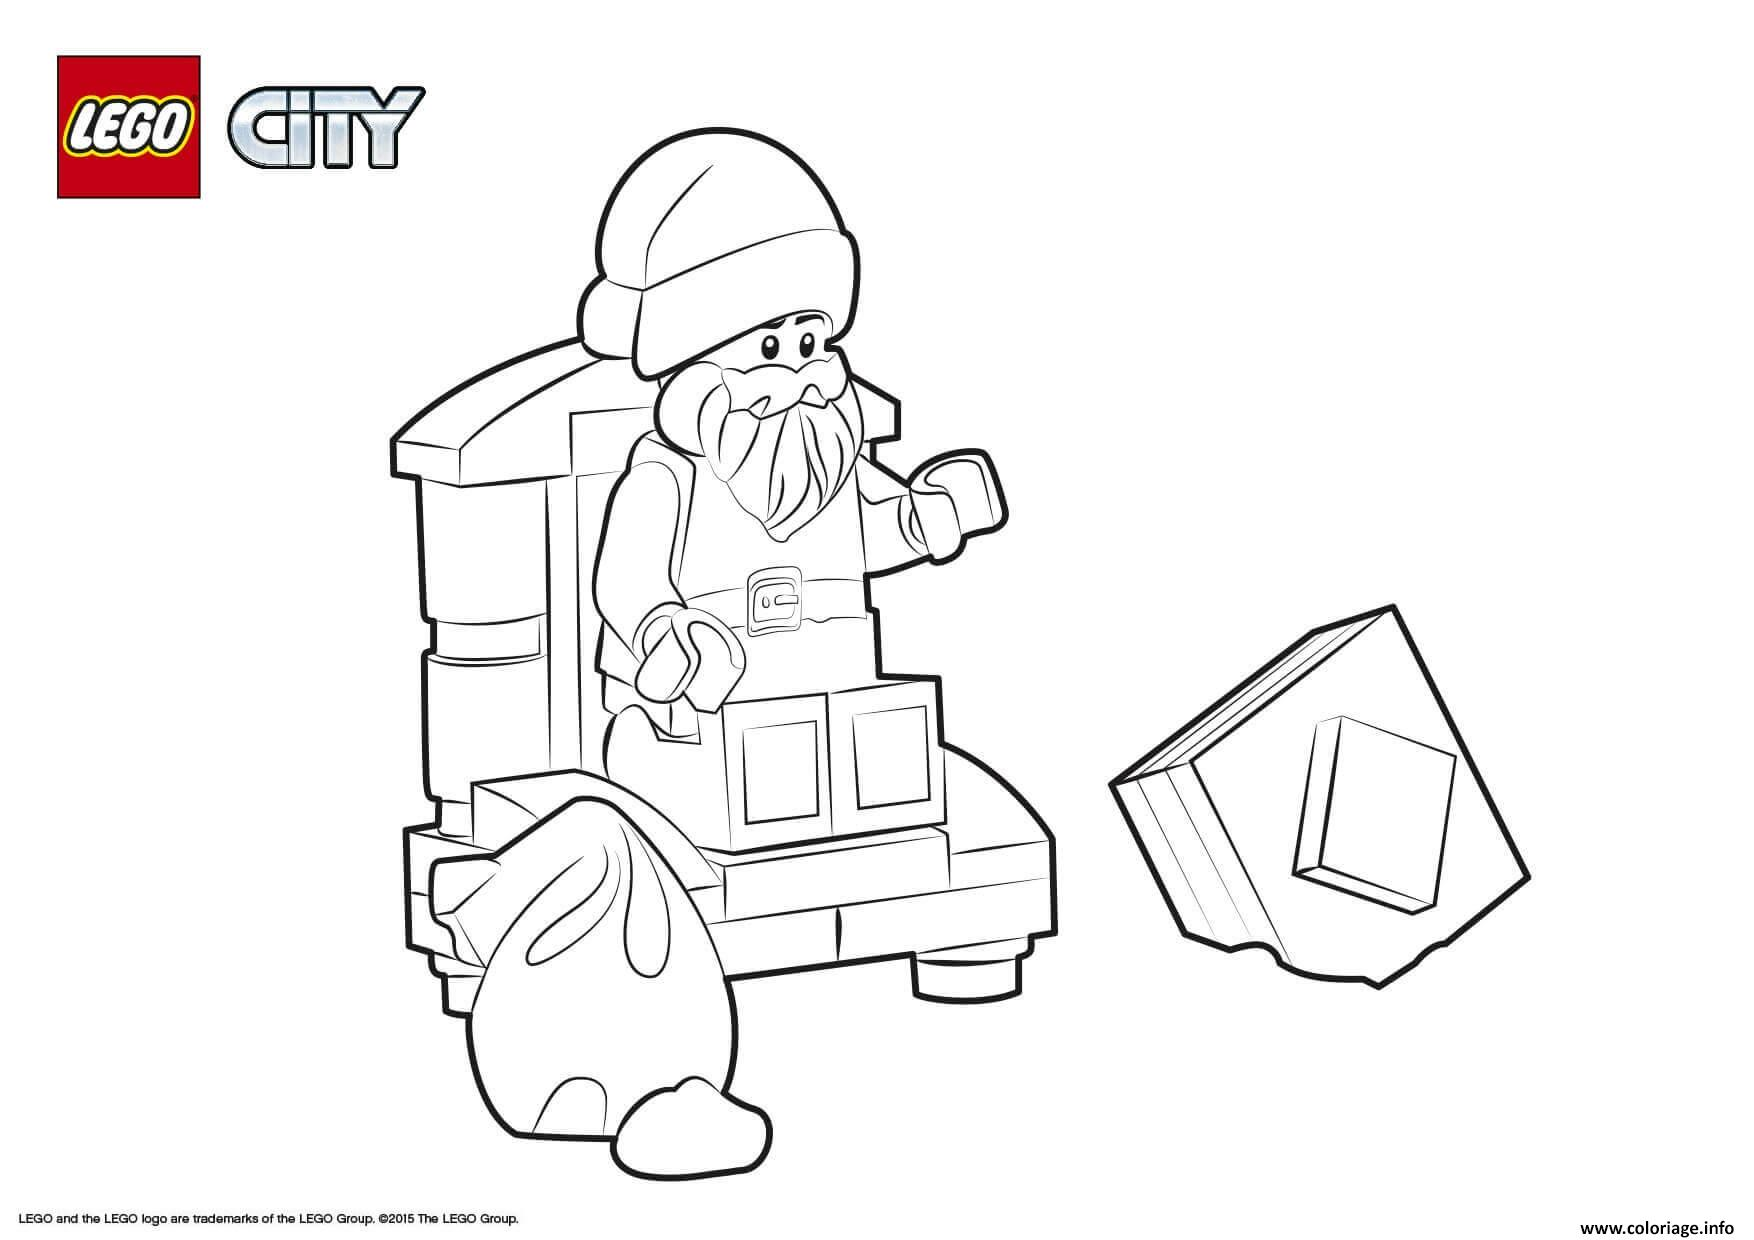 Dessin Lego City Santa Claus Coloriage Gratuit à Imprimer